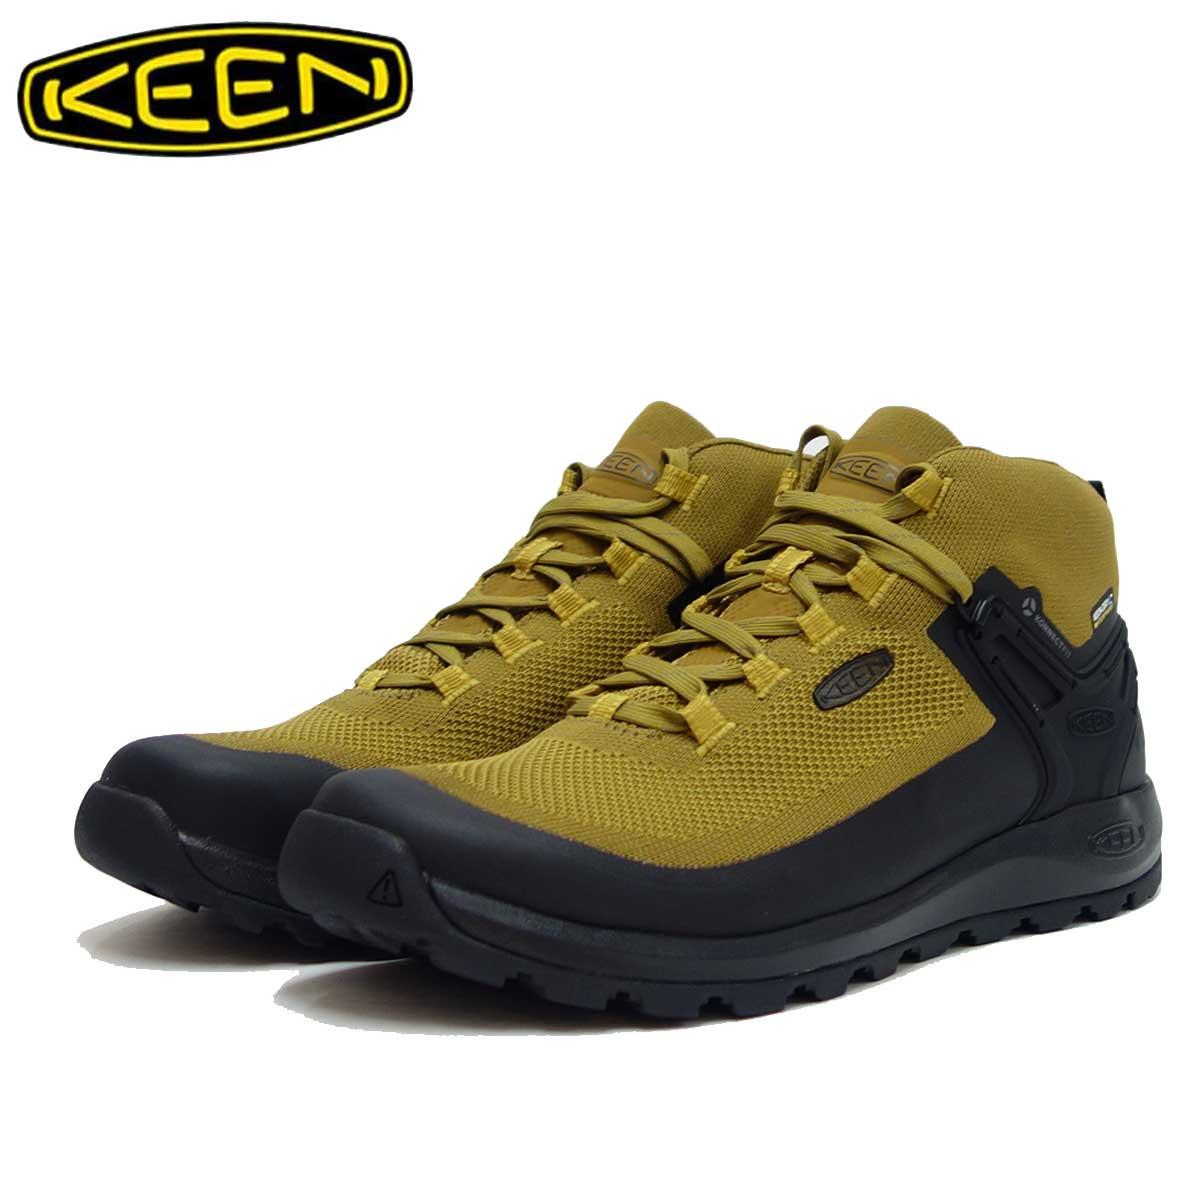 KEEN キーン Citizen EVO MID WP 1021162(メンズ)カラー: Coyote/Black シティズン エヴォ ミッド ウォータープルーフ 「靴」